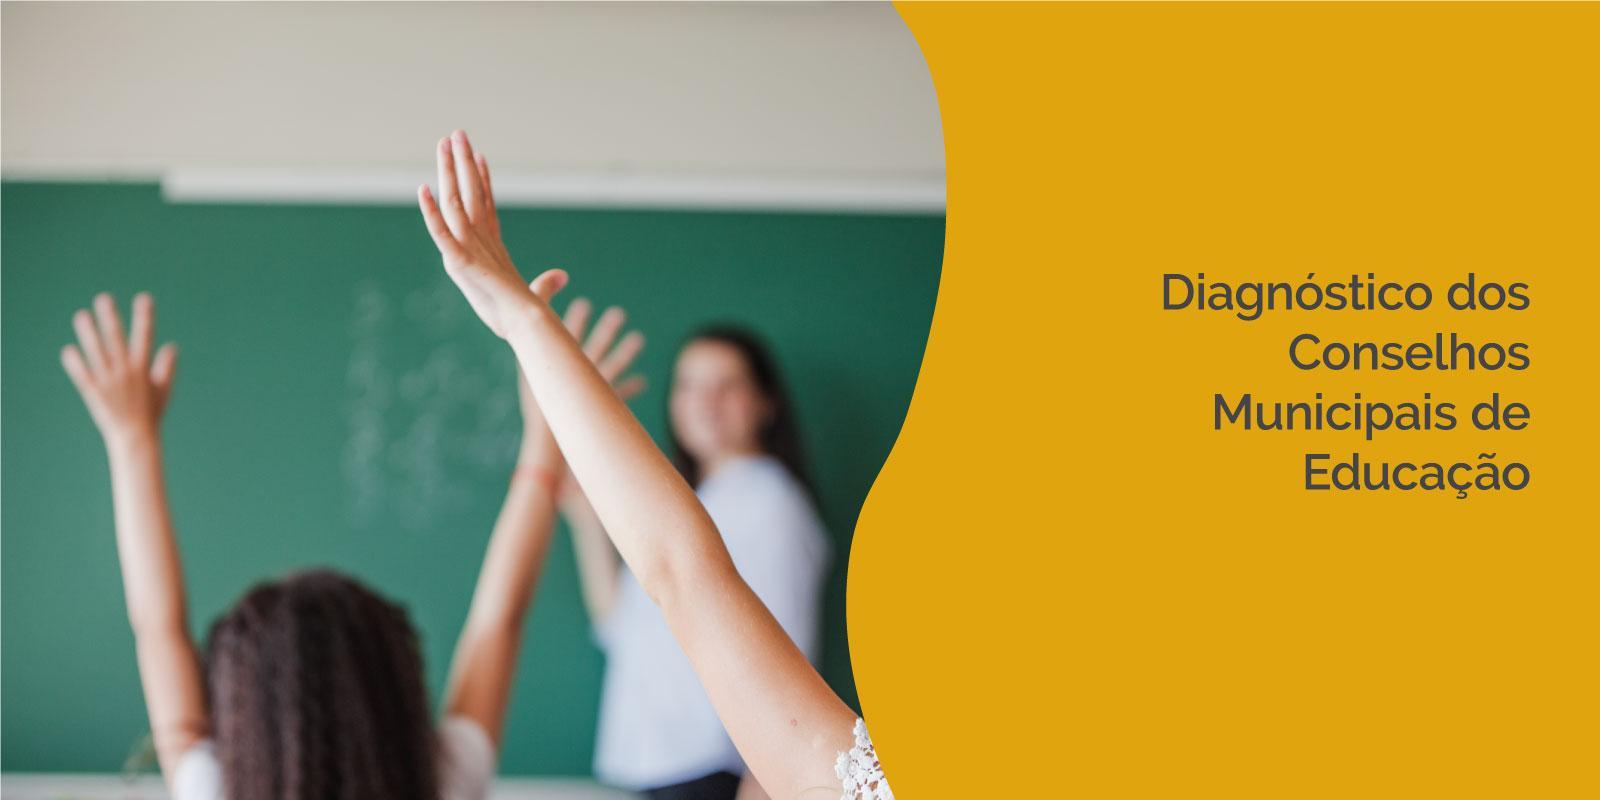 Diagnóstico dos Conselhos Municipais de Educação